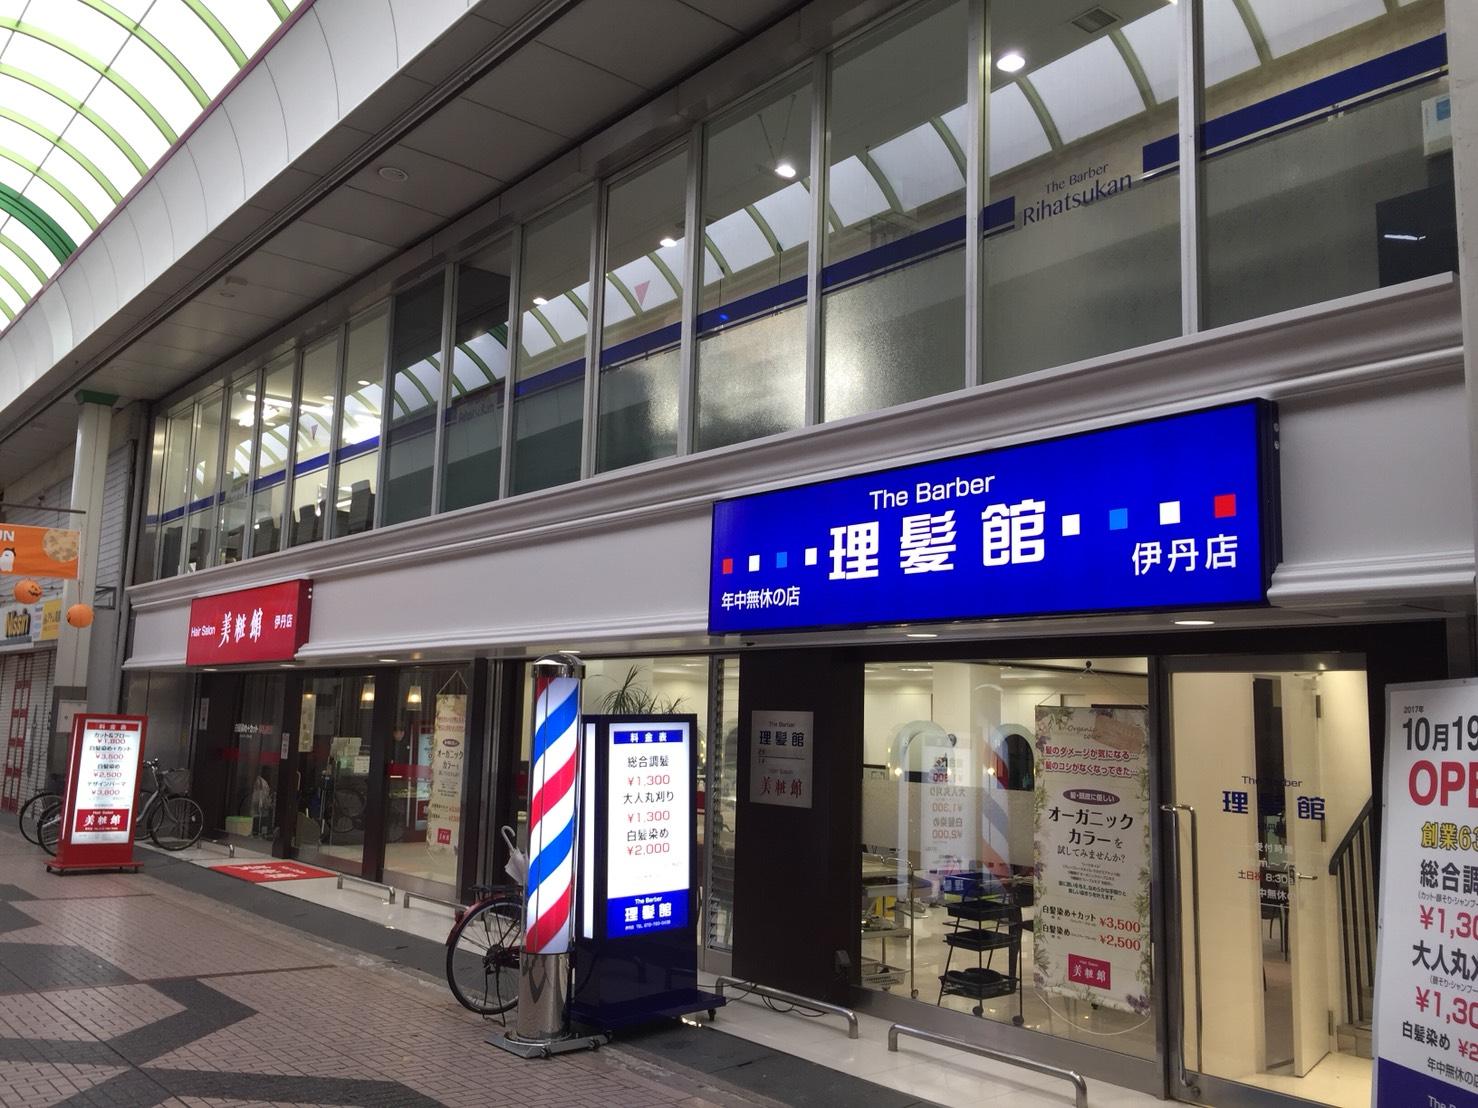 理髪館伊丹店新規サイン工事のアイキャッチ